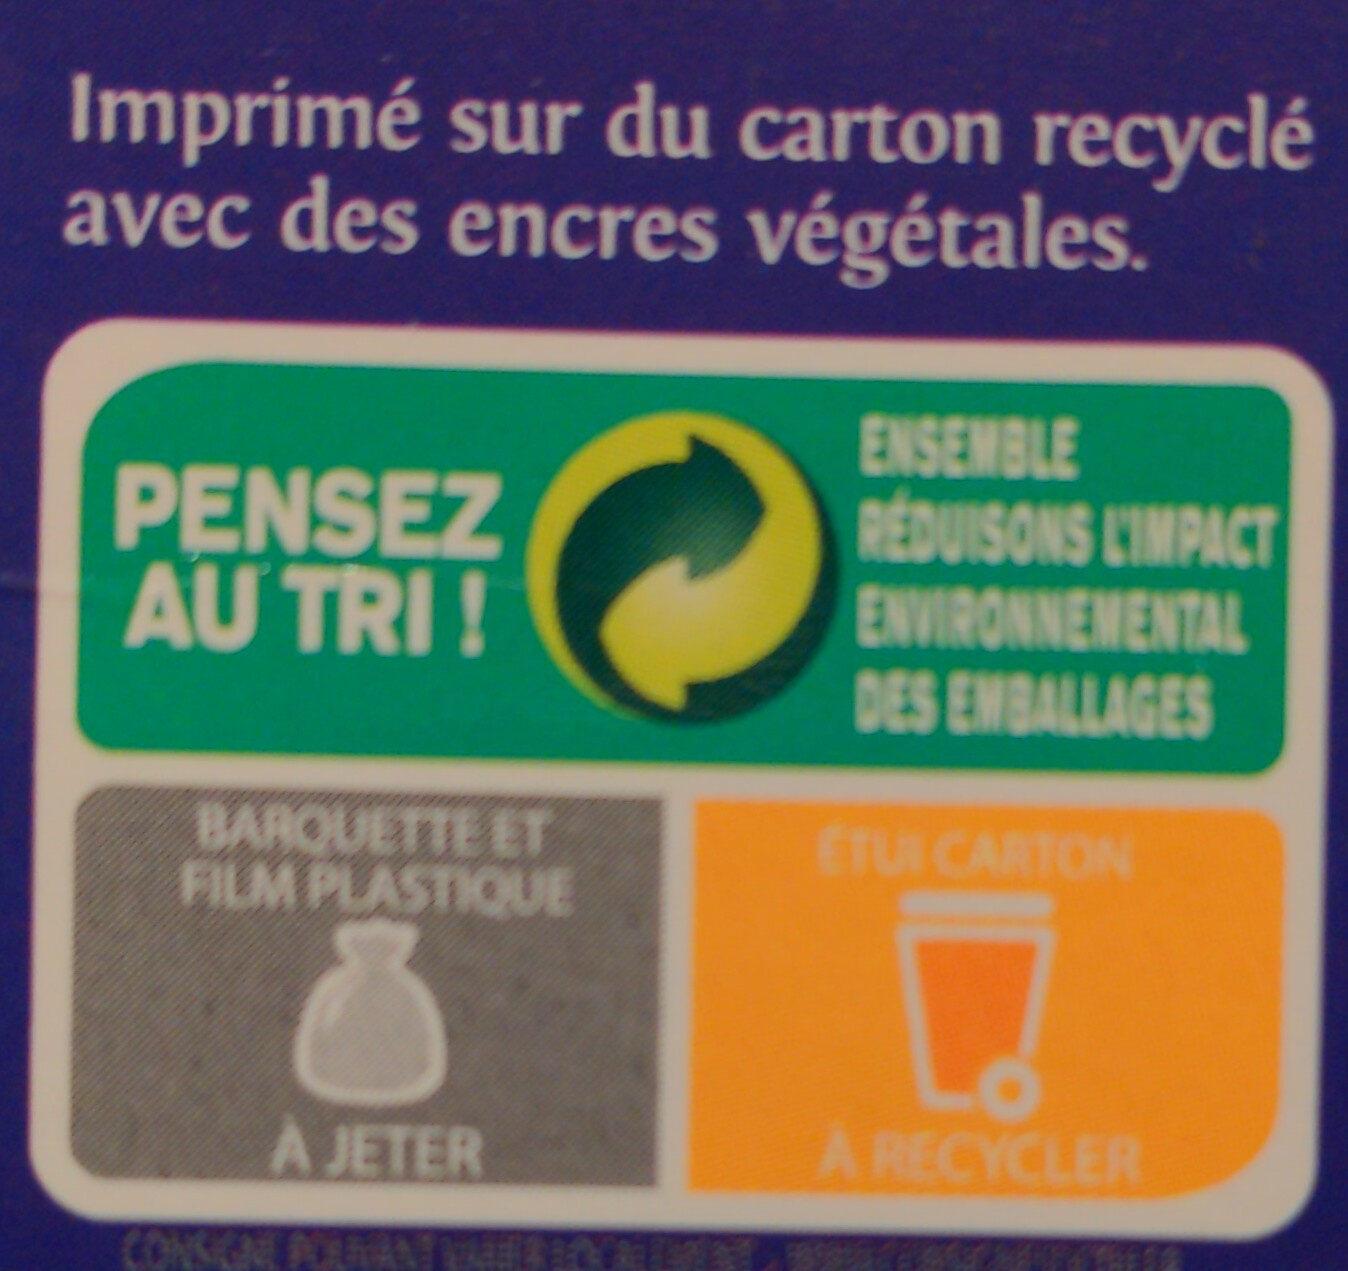 Galettes Fines de Bretagne - Instruction de recyclage et/ou information d'emballage - fr